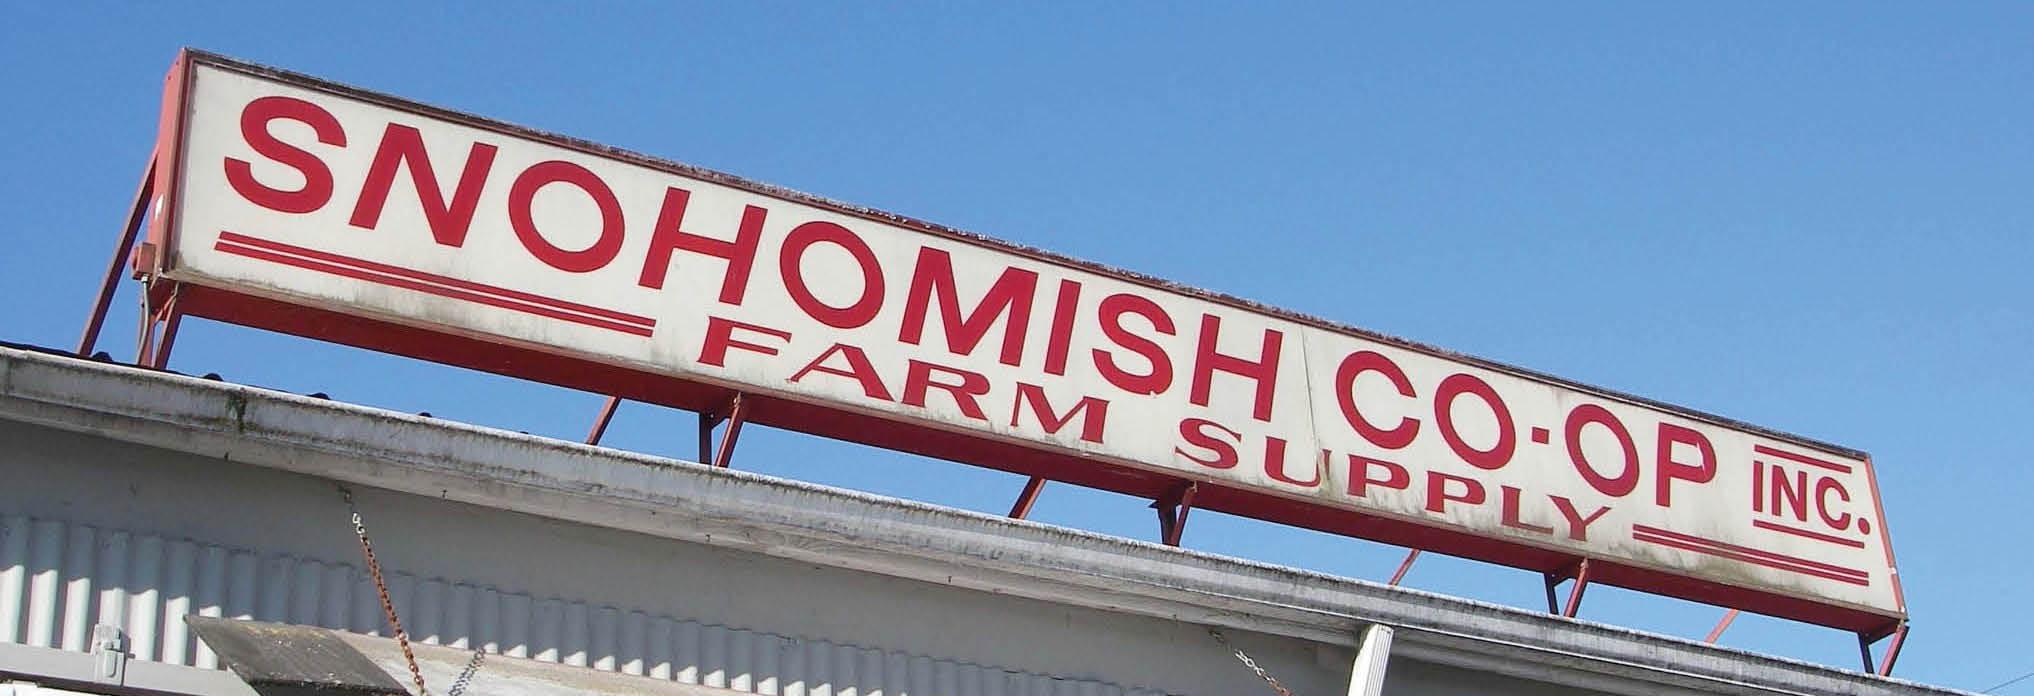 Snohomish Co-Op main banner image - Snohomish, WA - Monroe, WA